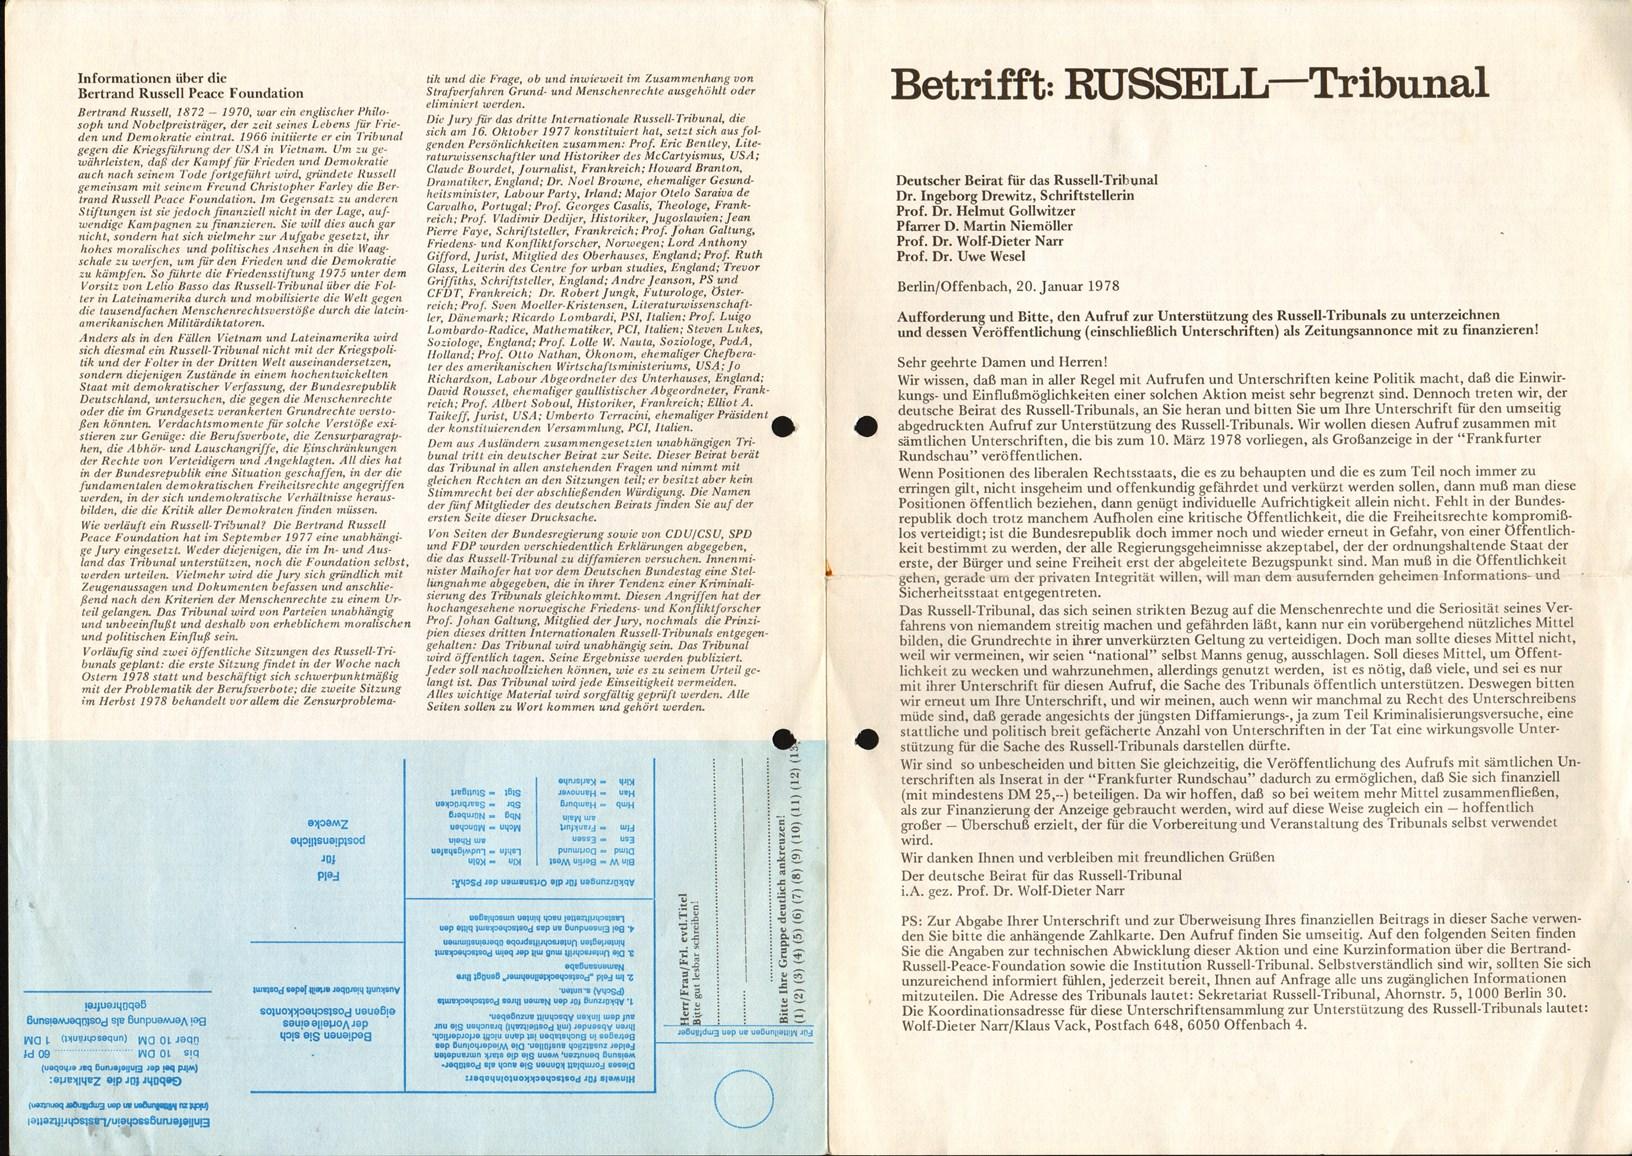 Deutscher_Beirat_RT_1978_01